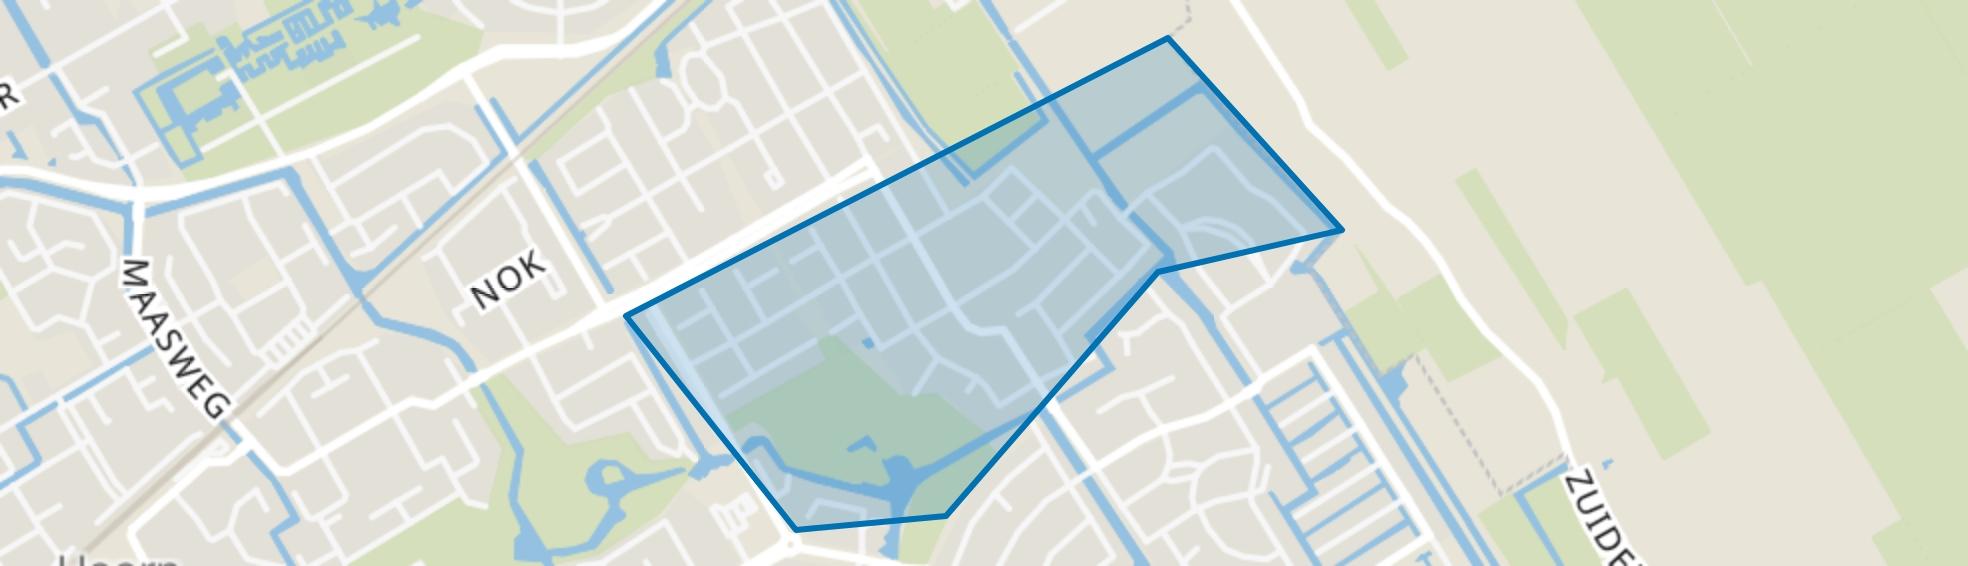 Kersenboogerd-Zuid - Buurt 33 07, Hoorn (NH) map